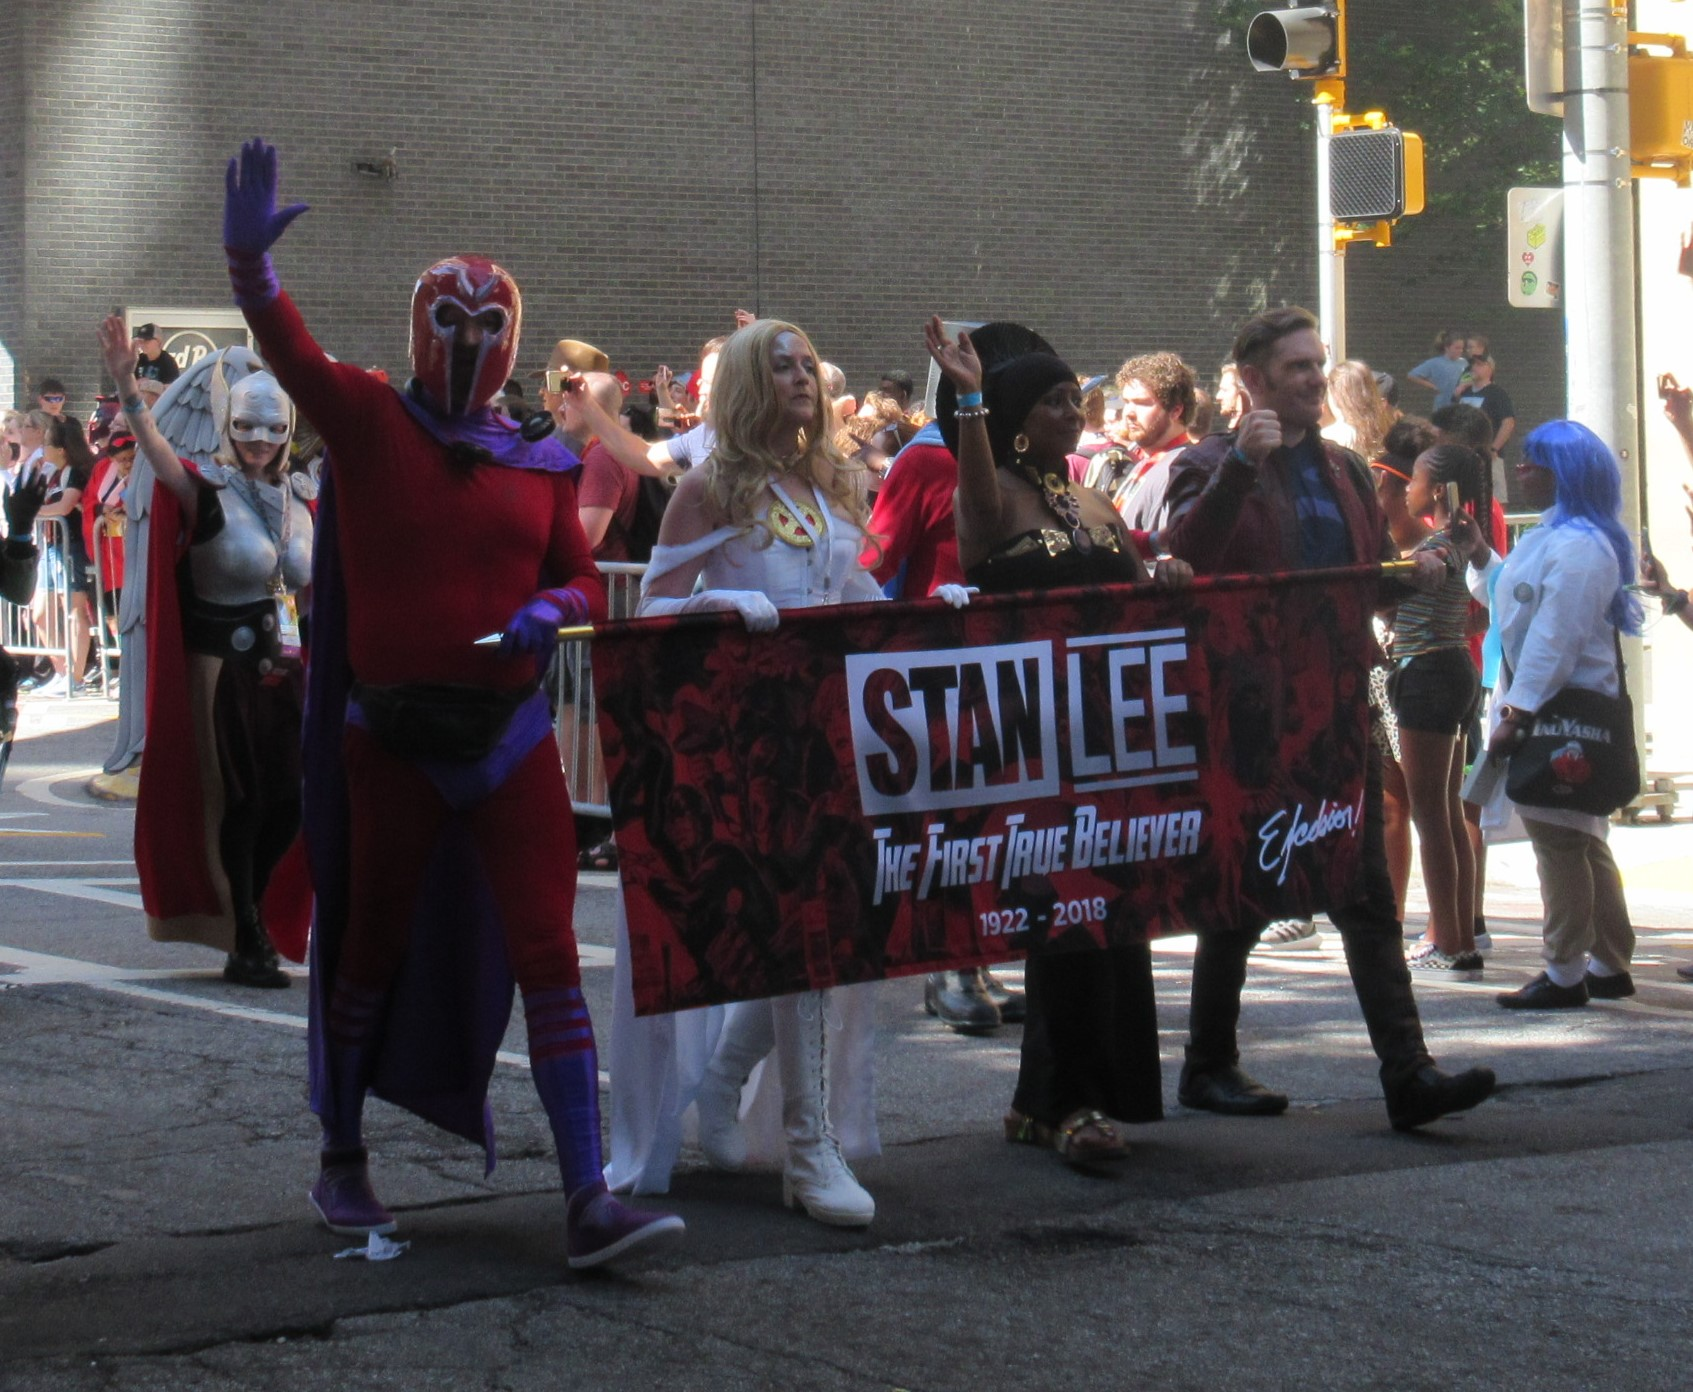 Dragon Con 2019 Photos #4: Still More Cosplay on Parade « Midlife Crisis Crossover!